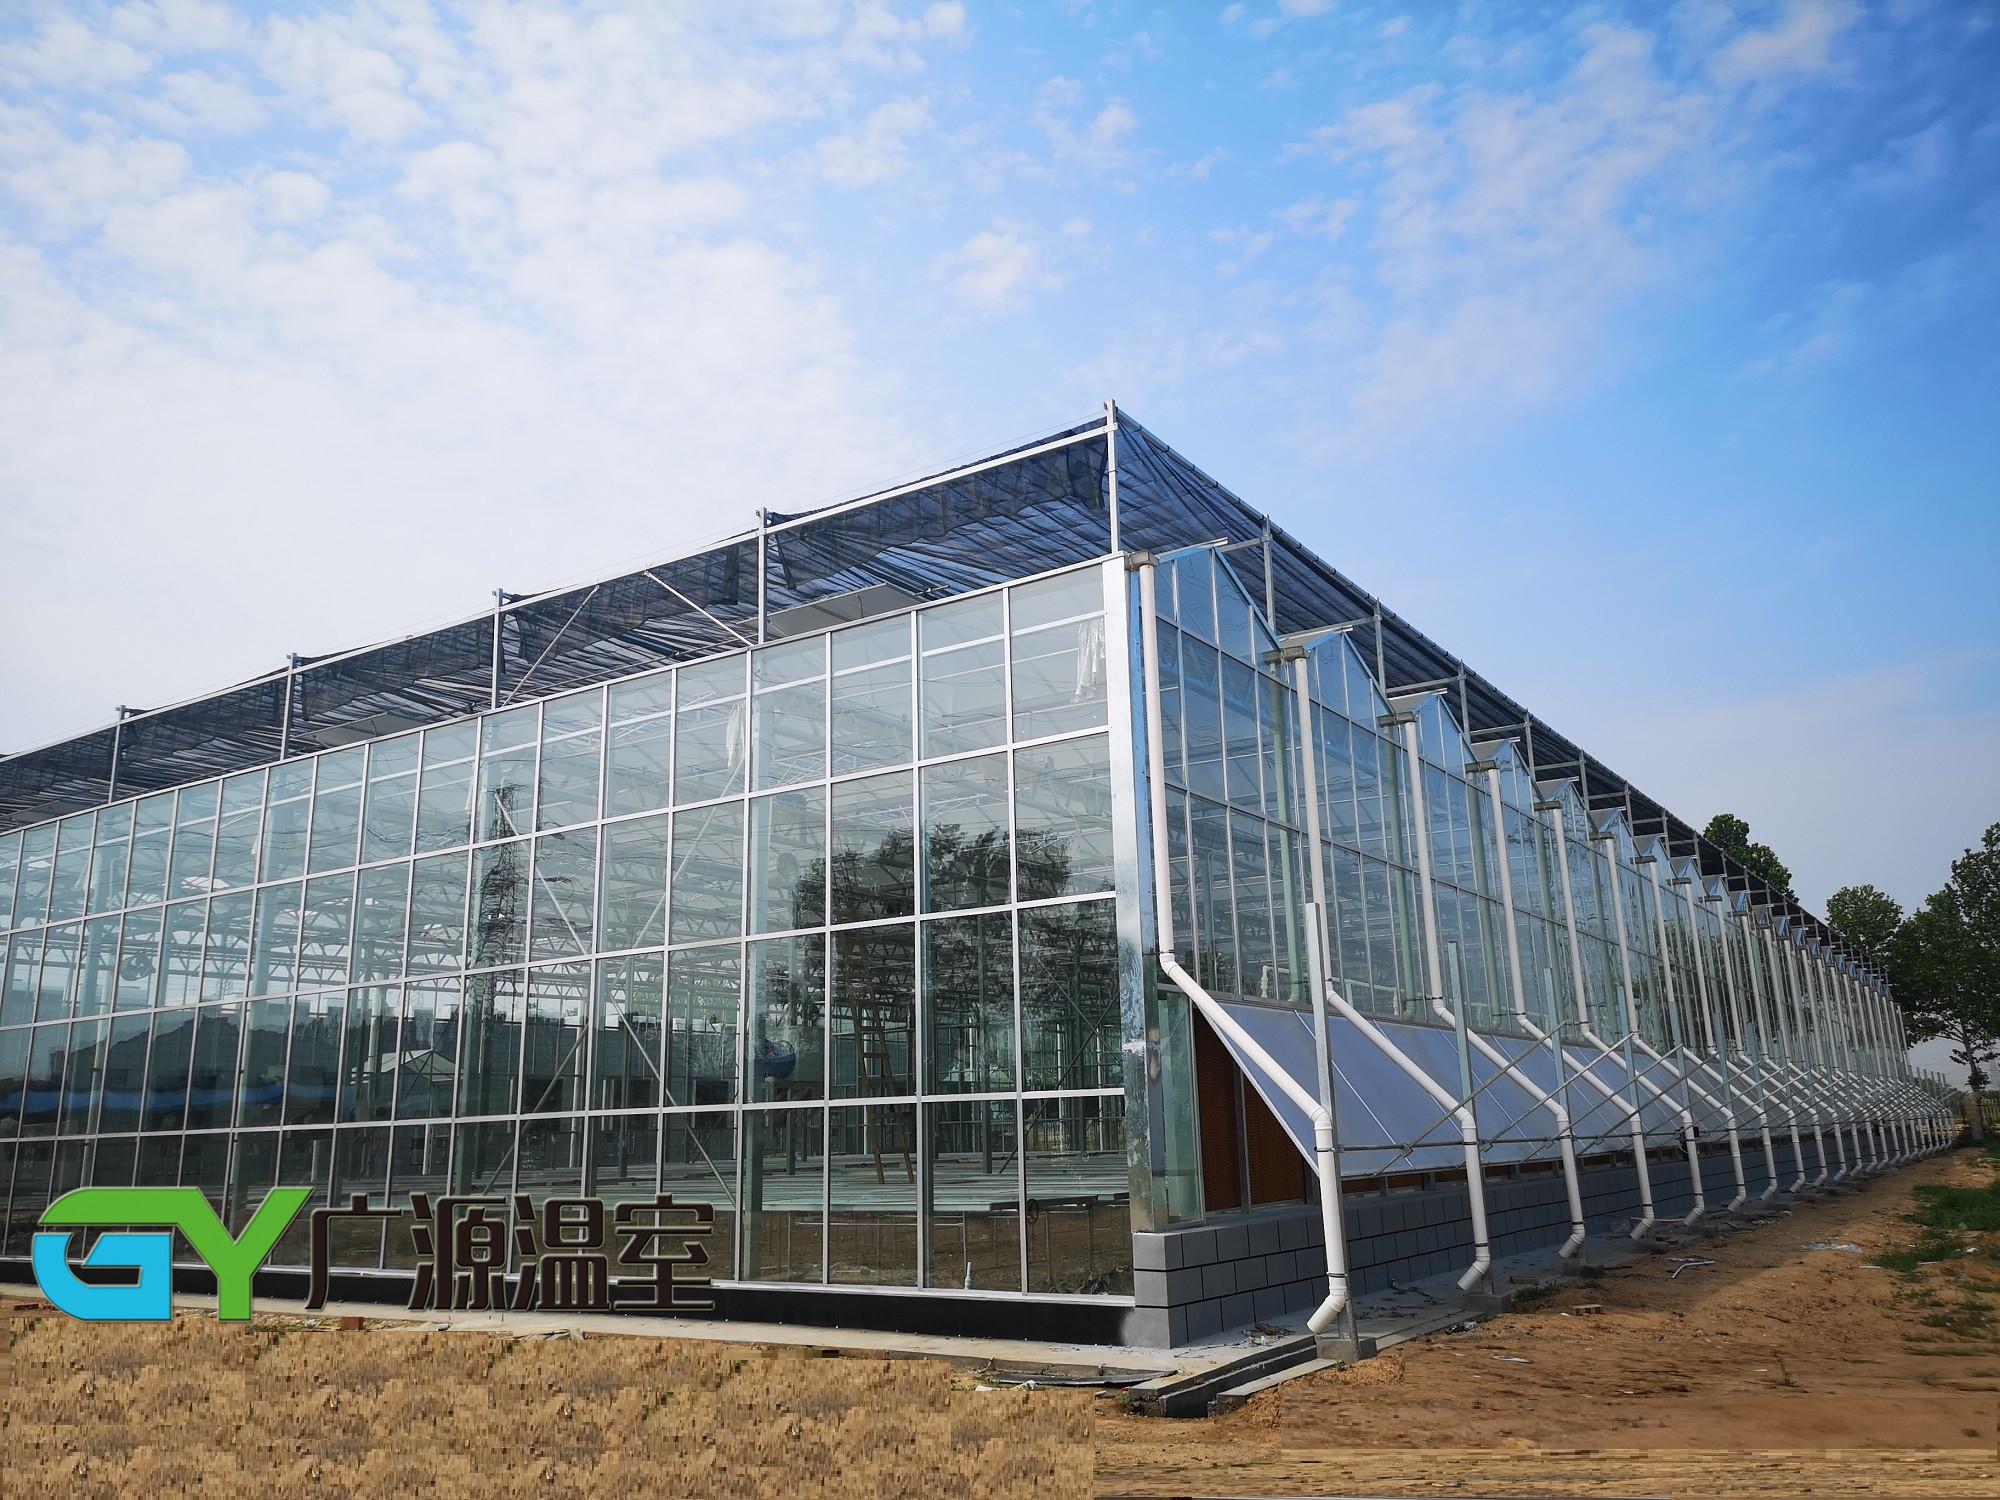 连栋温室大棚集露槽的样式以及应用场景、温室大棚集露槽造价